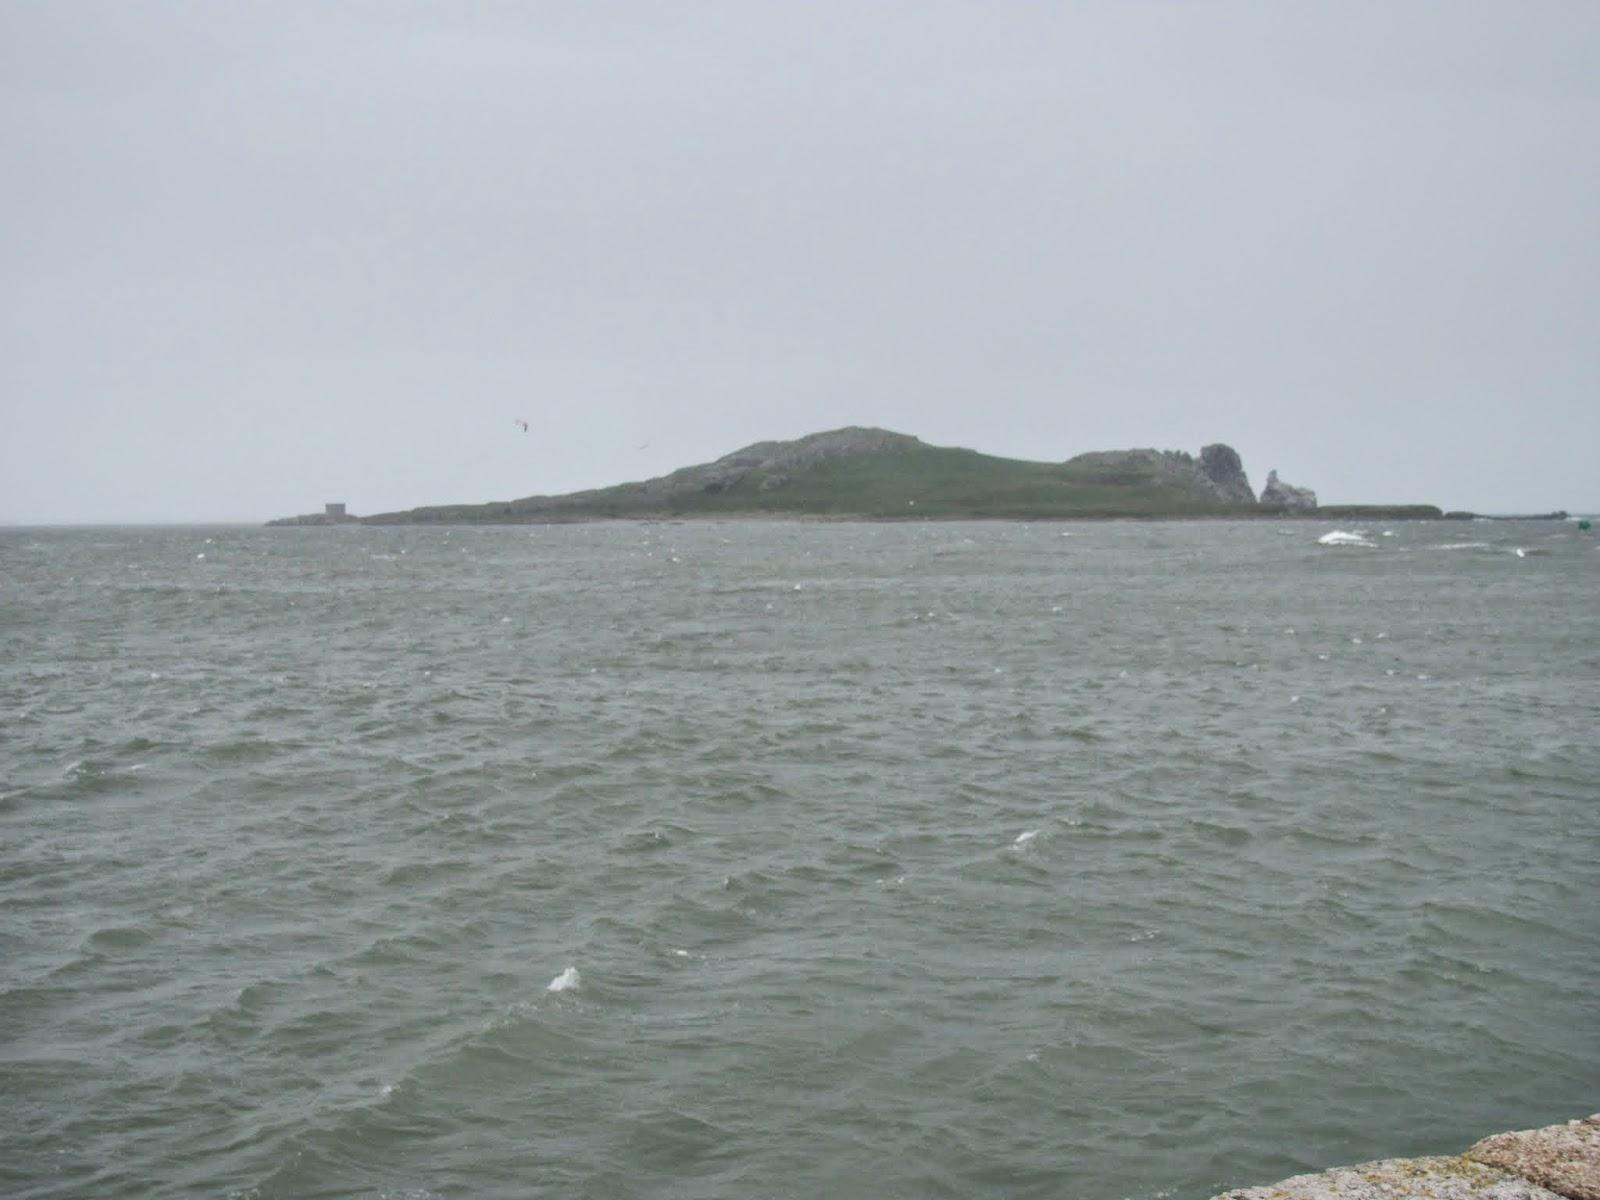 Ireland's Eye on a Windy Day Howth, Co. Dublin